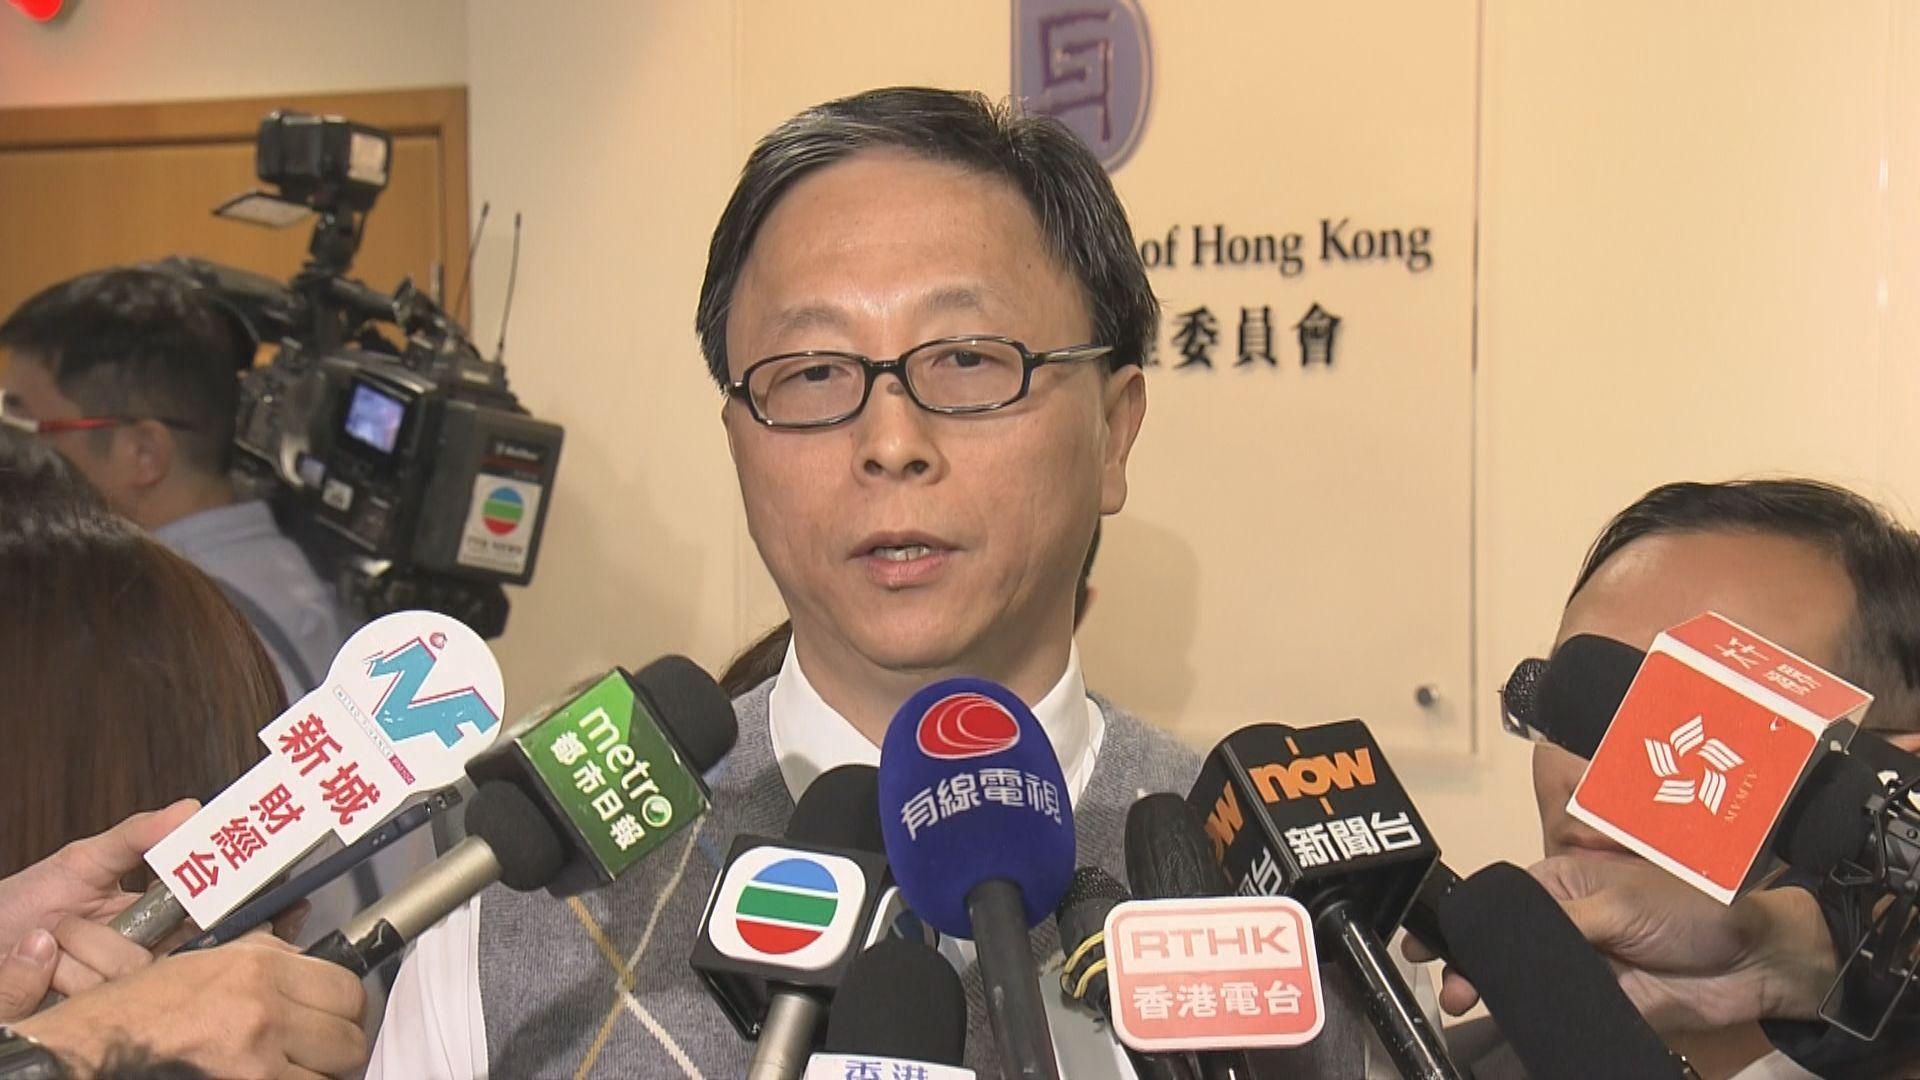 何栢良:會議討論氣氛良好 尊重表決結果